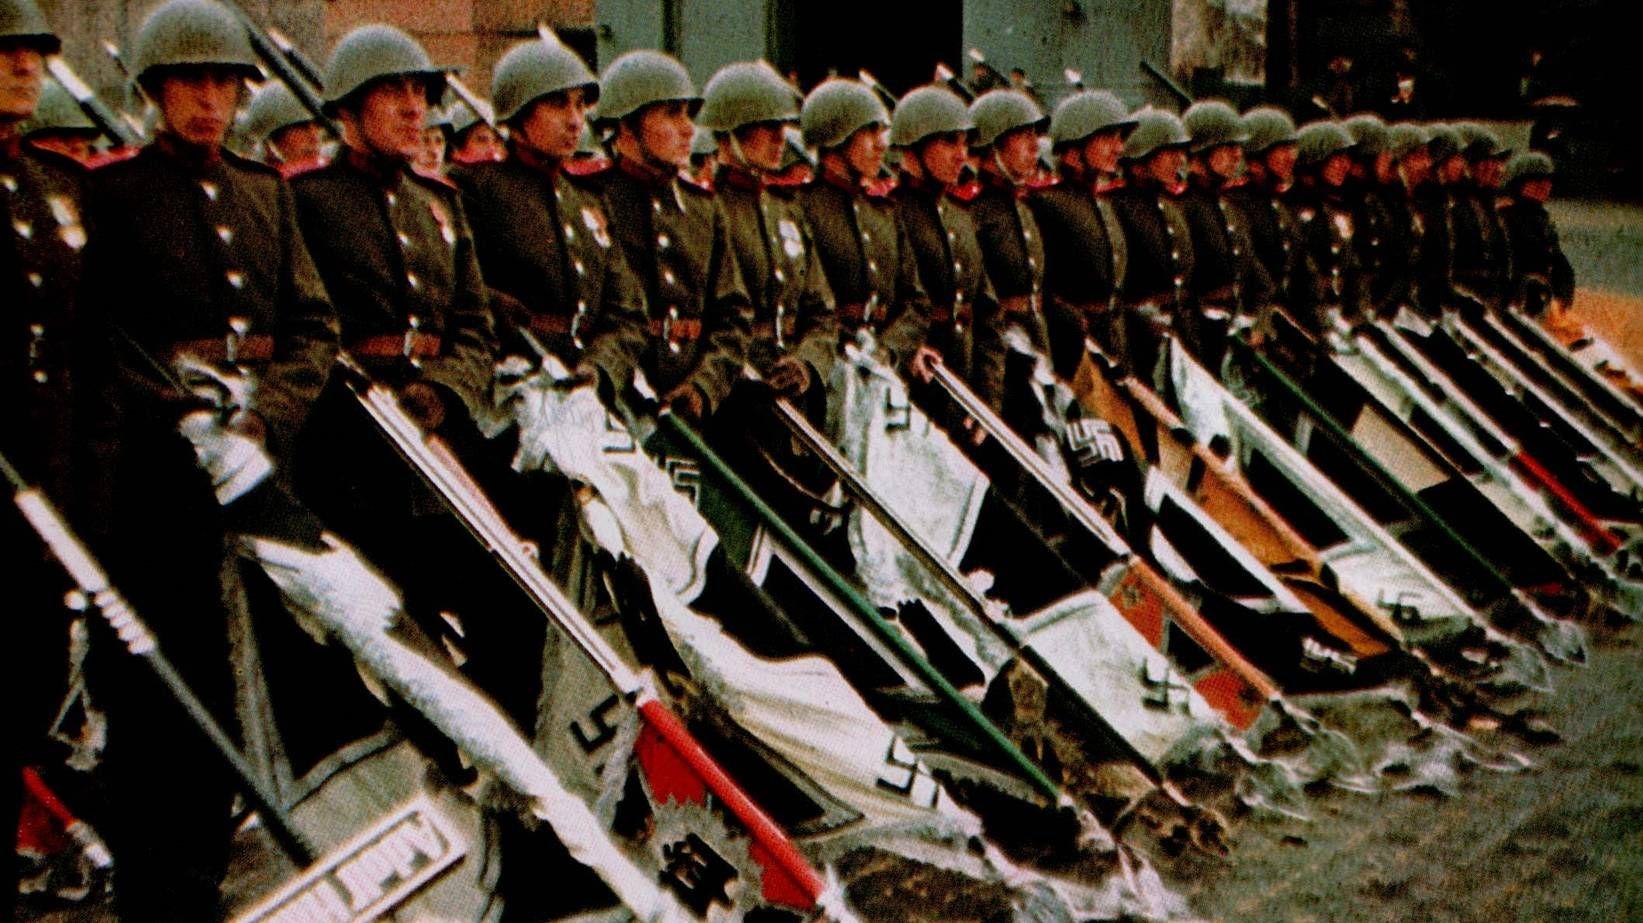 Советские солдаты бросают фашисткие знамена на землю преред Мавзолеем. Москва. 1945